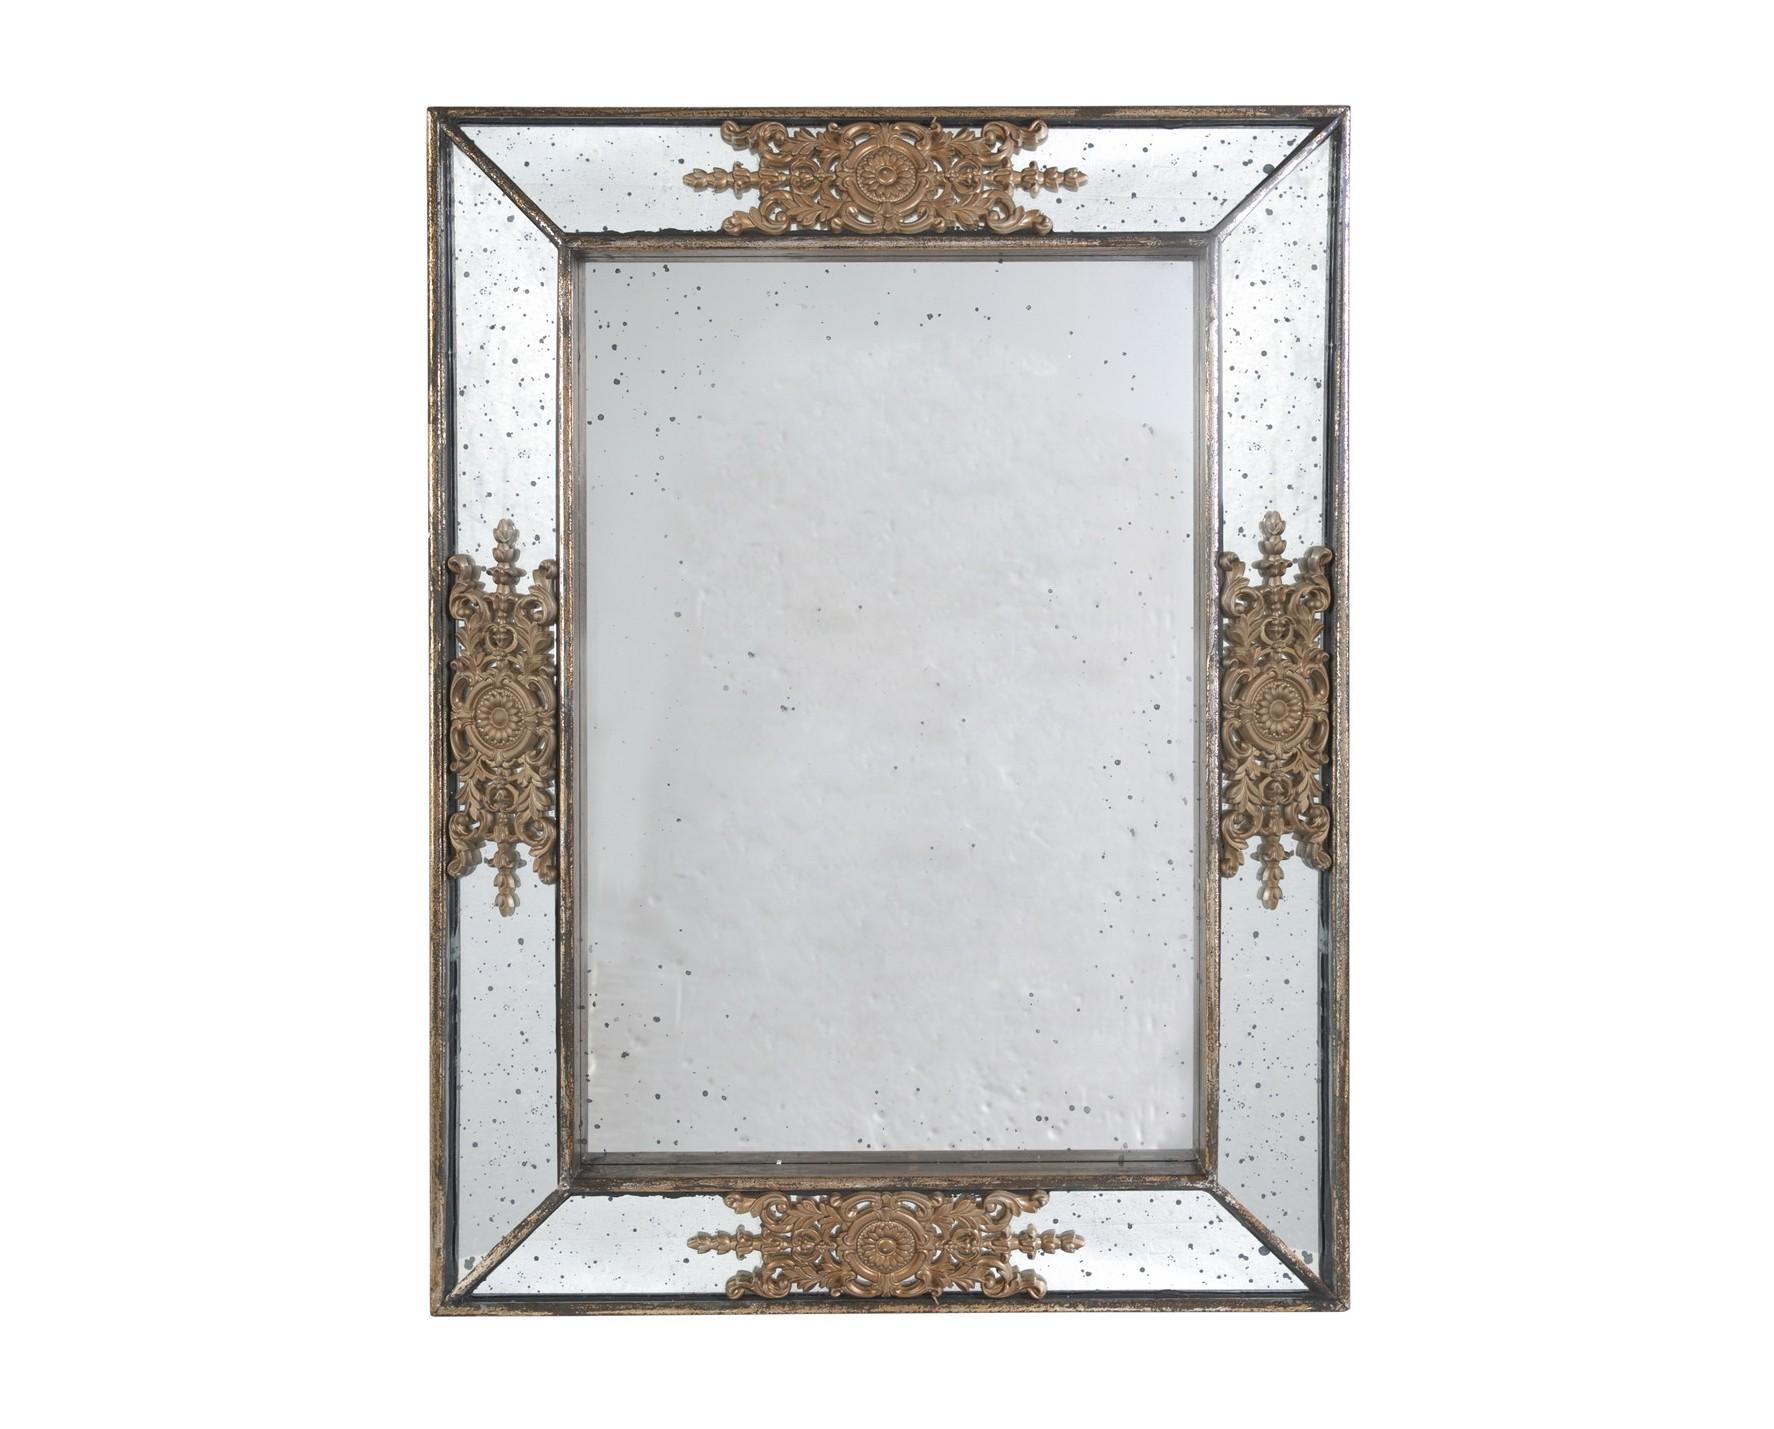 Зеркало настенноеНастенные зеркала<br>Зеркало настенное, рама зеркальная, патинированная &amp;quot;под старину&amp;quot;. Материал - дерево, зеркало. Вес - 10,2 кг<br><br>Material: Стекло<br>Width см: 62<br>Depth см: 5<br>Height см: 82